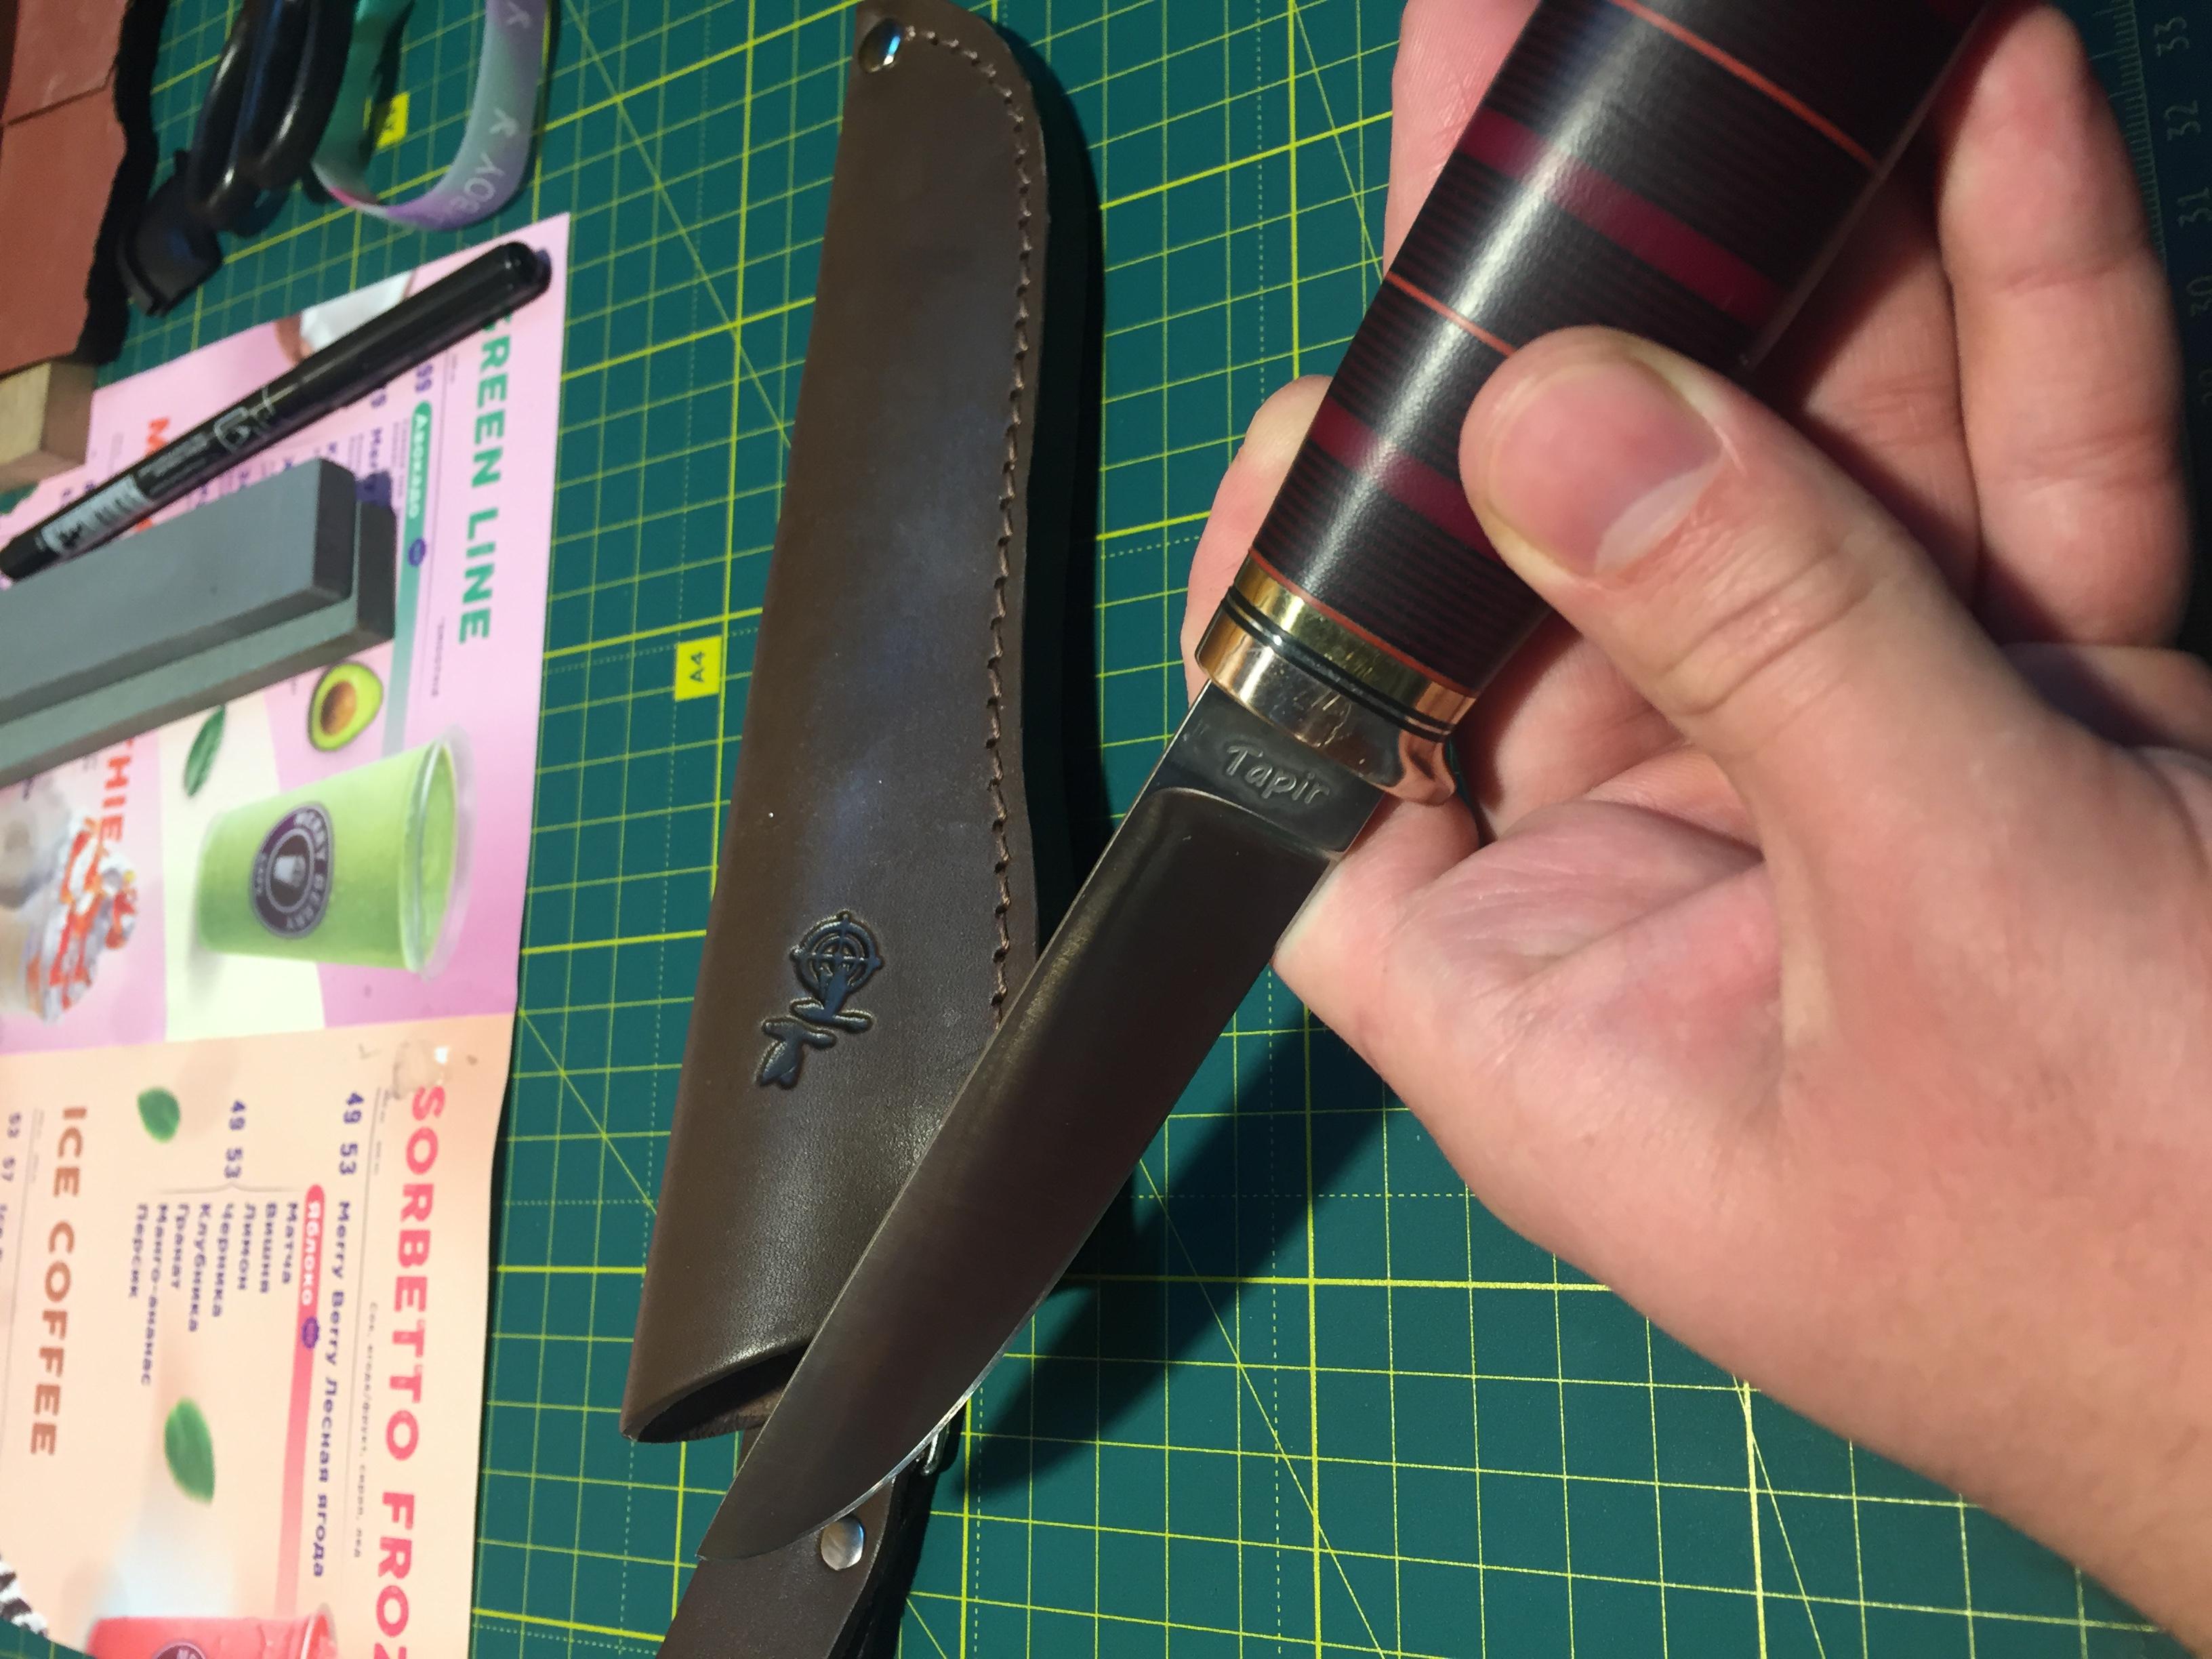 Фото Качественная заточка ножей: кухонных,складных, EDC и т.д 3